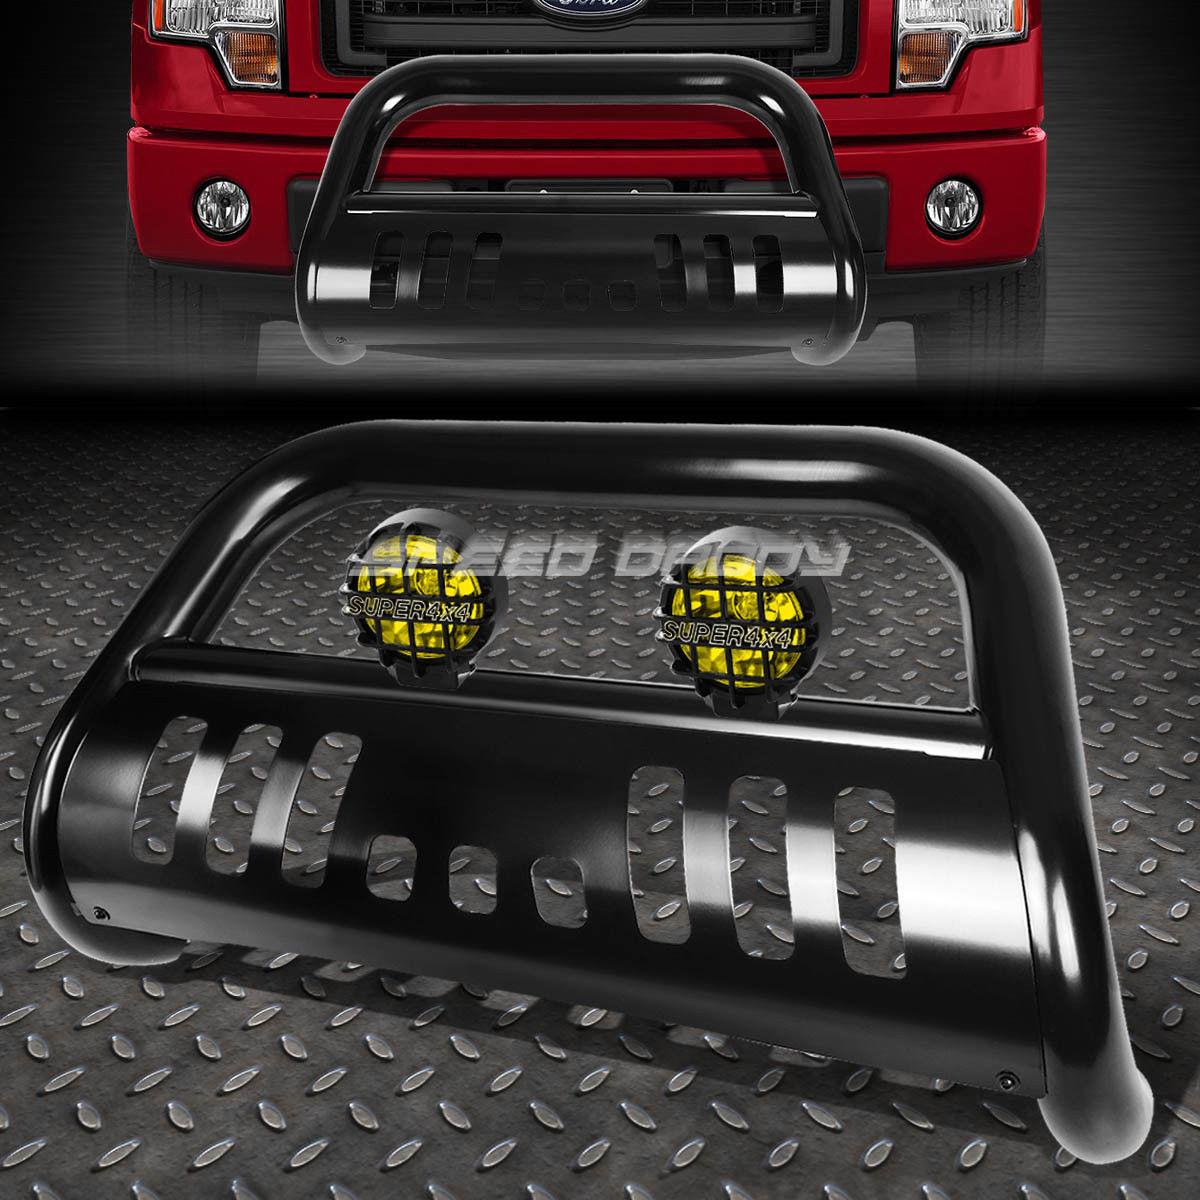 フォグライト BLACK BULL BAR GRILLE GUARD+YELLOW FOG LIGHT FOR 11-16 FORD F250-F550 SUPERDUTY ブラックブルバーグリルガード+イエローフォグライト11-16フォードF250-F550スーパードゥー